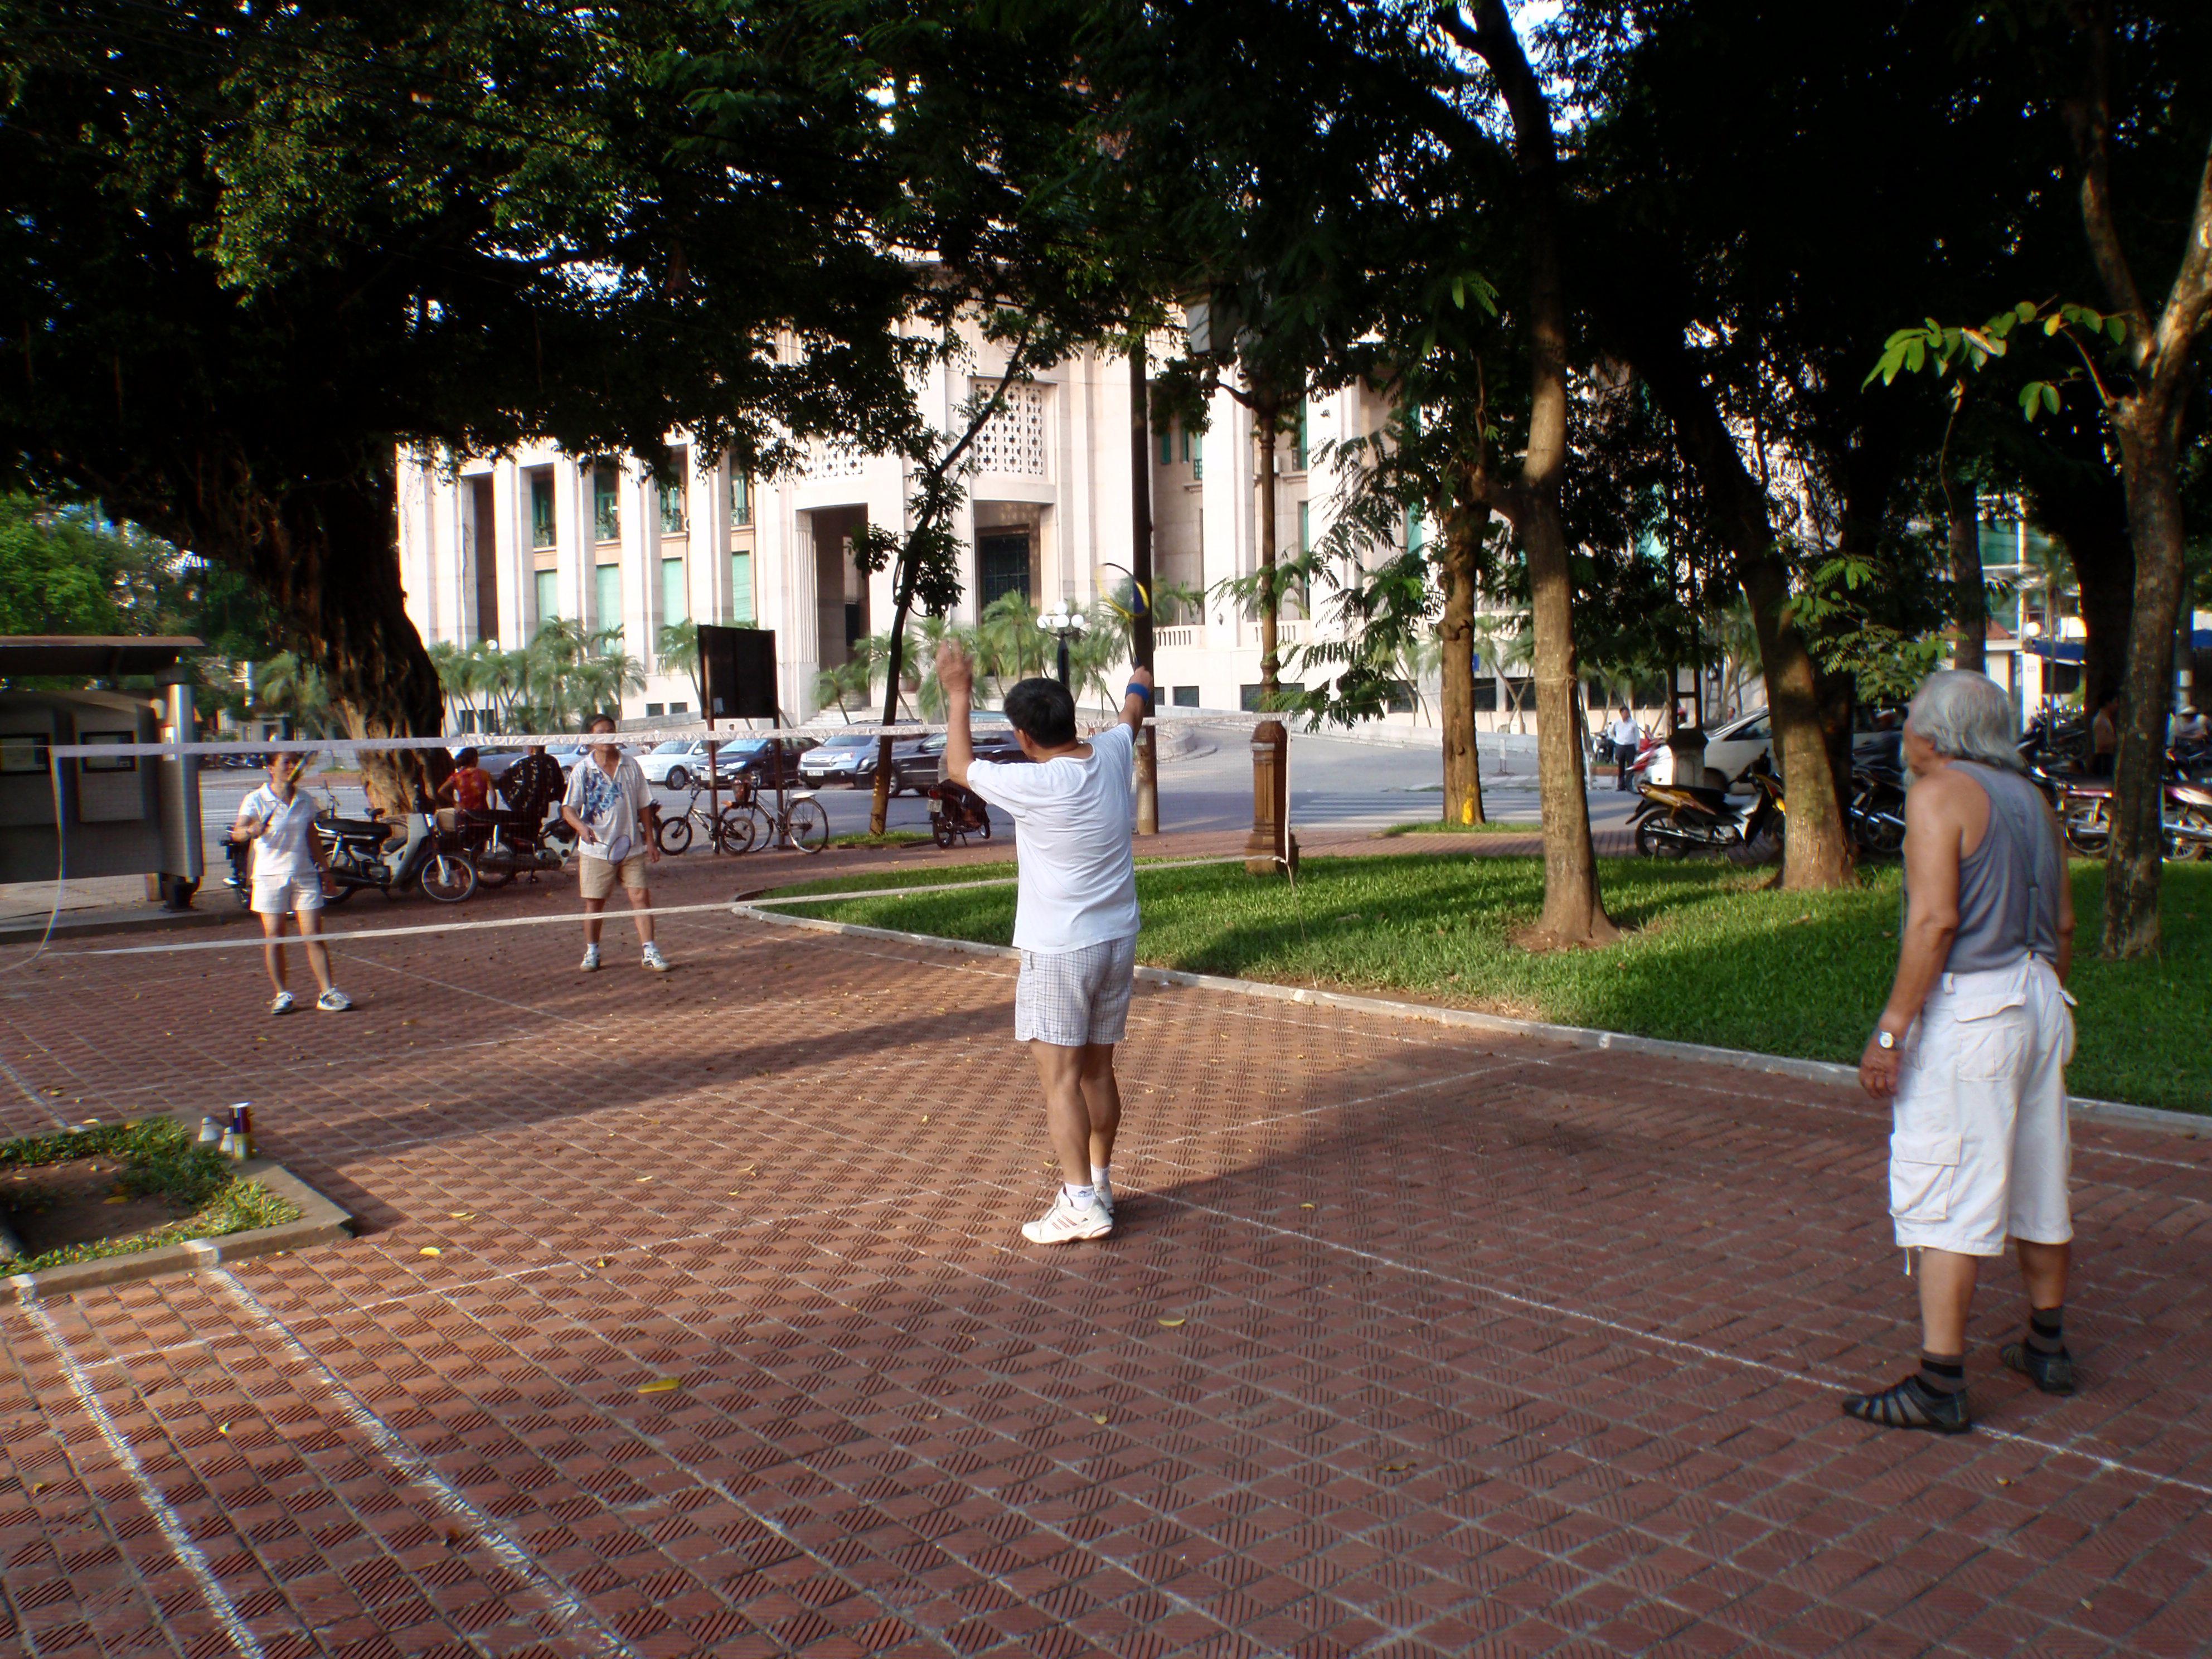 Hanoi badminton in the streets